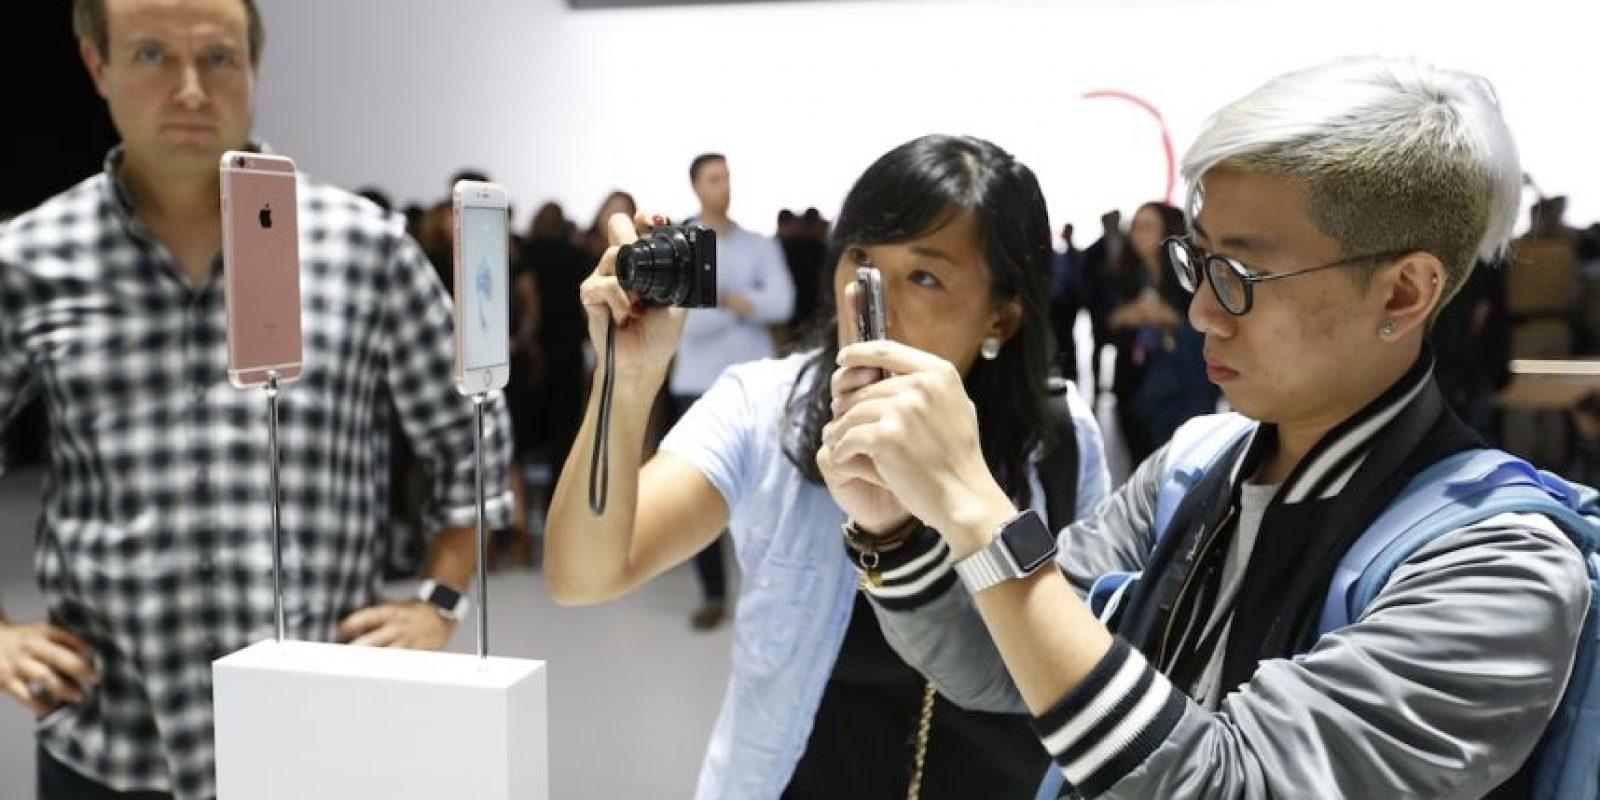 """A través de las redes sociales, usuarios señalan que el iPhone 6s se sobrecalienta ocasionando que no se pueda habilitar el flash de la cámara posterior. El dispositivo muestra un mensaje de advertencia que menciona lo siguiente: """"El iPhone necesita enfriarse antes de poder utilizar el flash"""". Foto:Getty Images"""